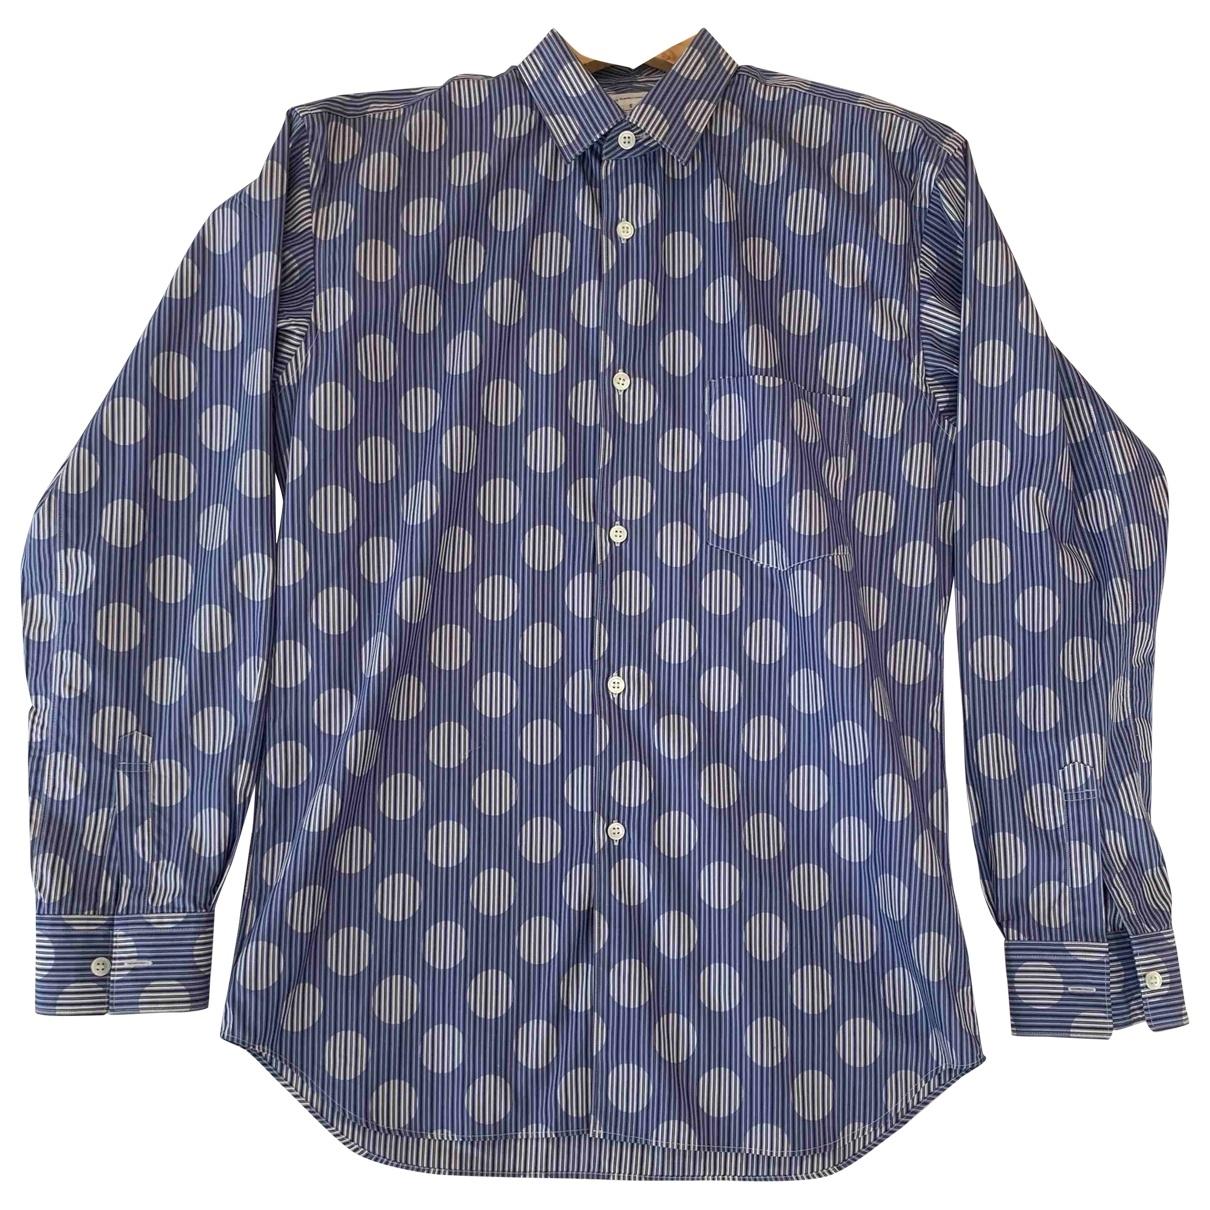 Comme Des Garcons \N Blue Cotton Shirts for Men S International